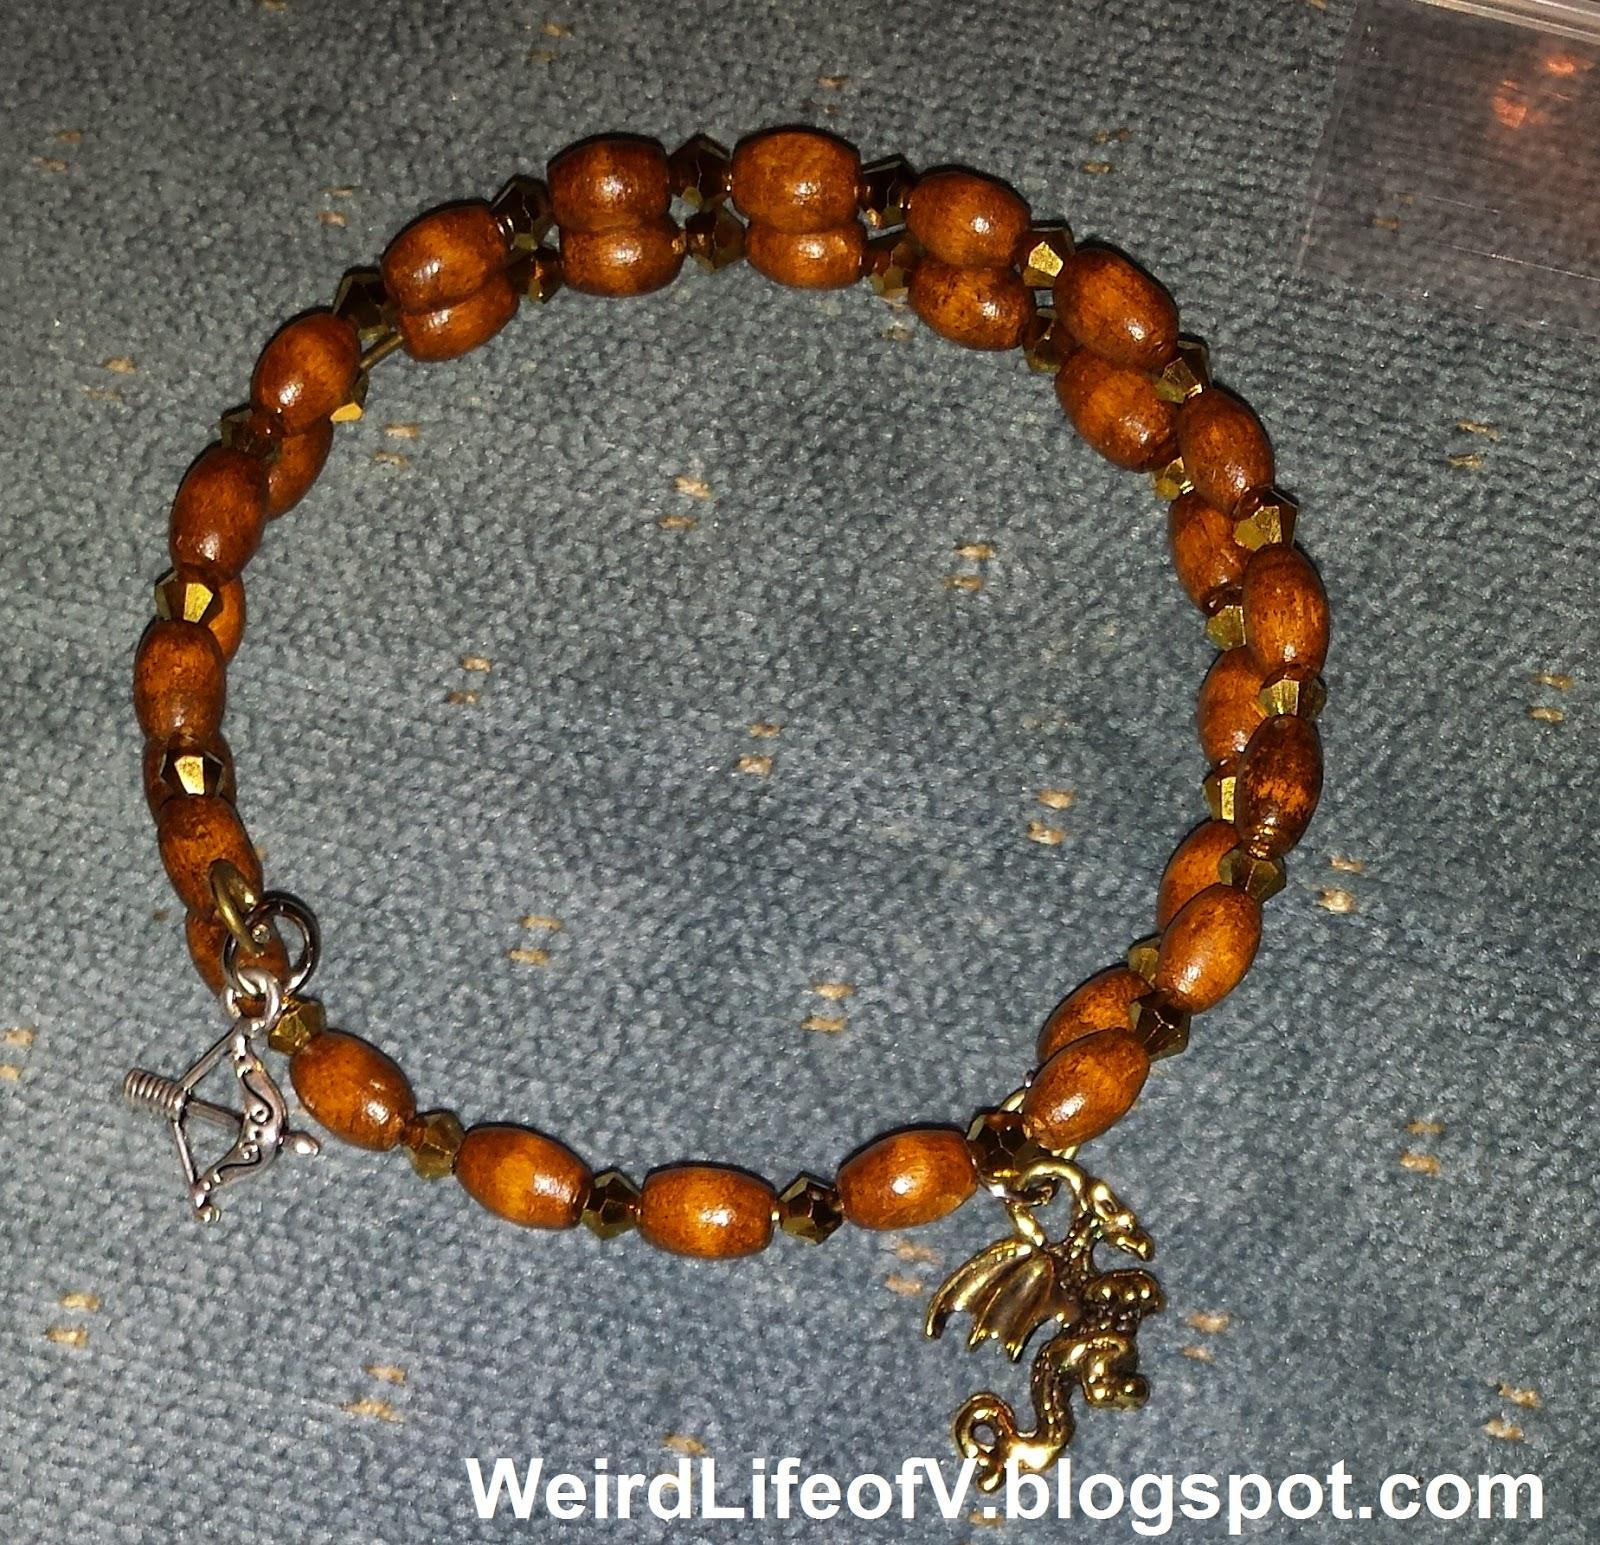 The Hobbit inspired memory wire beaded bracelet